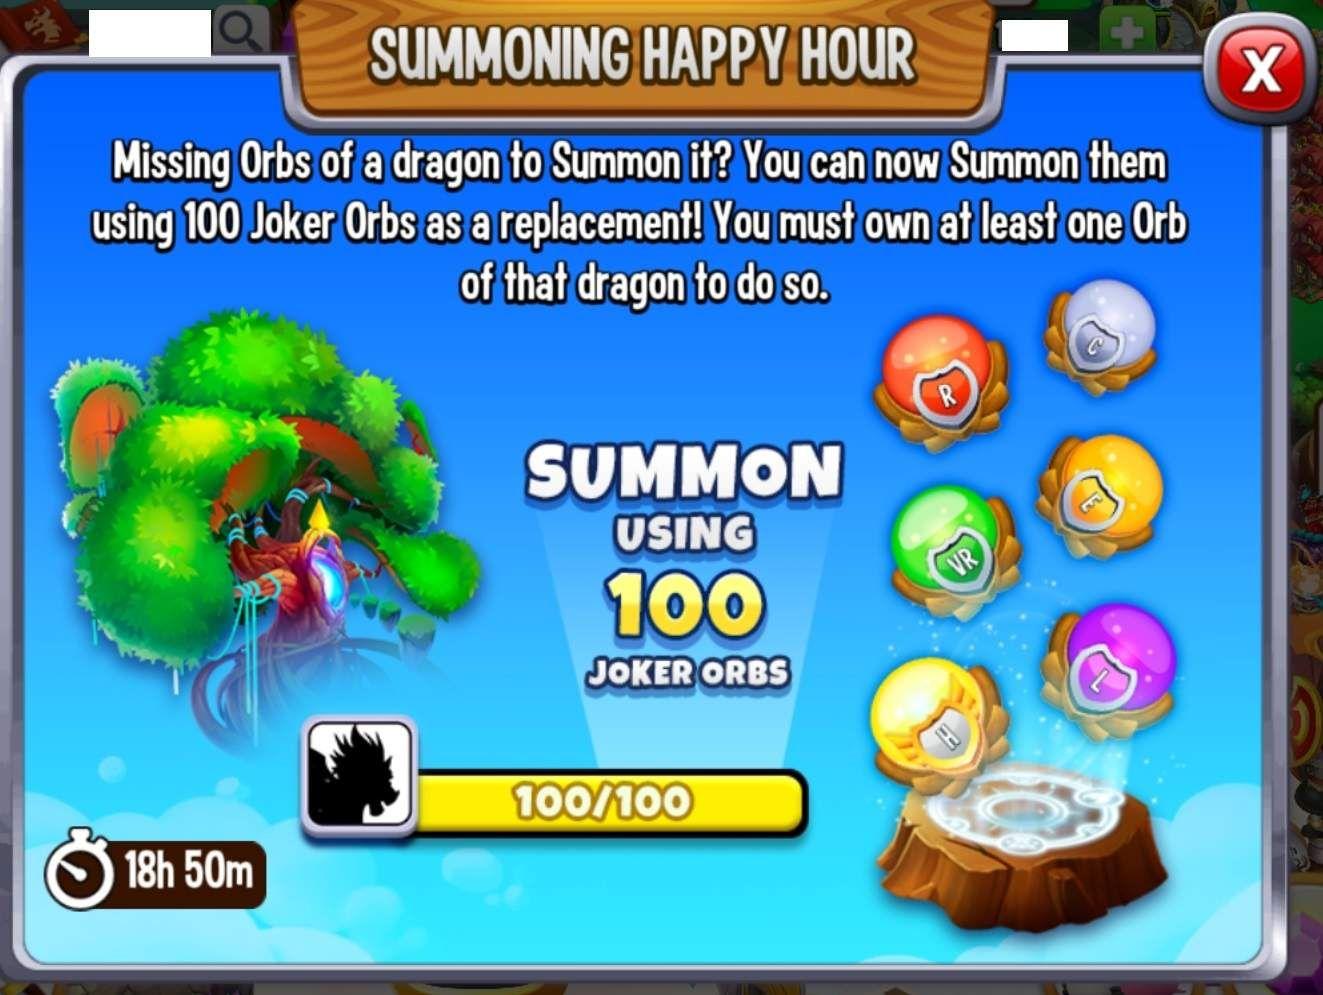 0_1583342310596_030420 Summon Promo.jpg